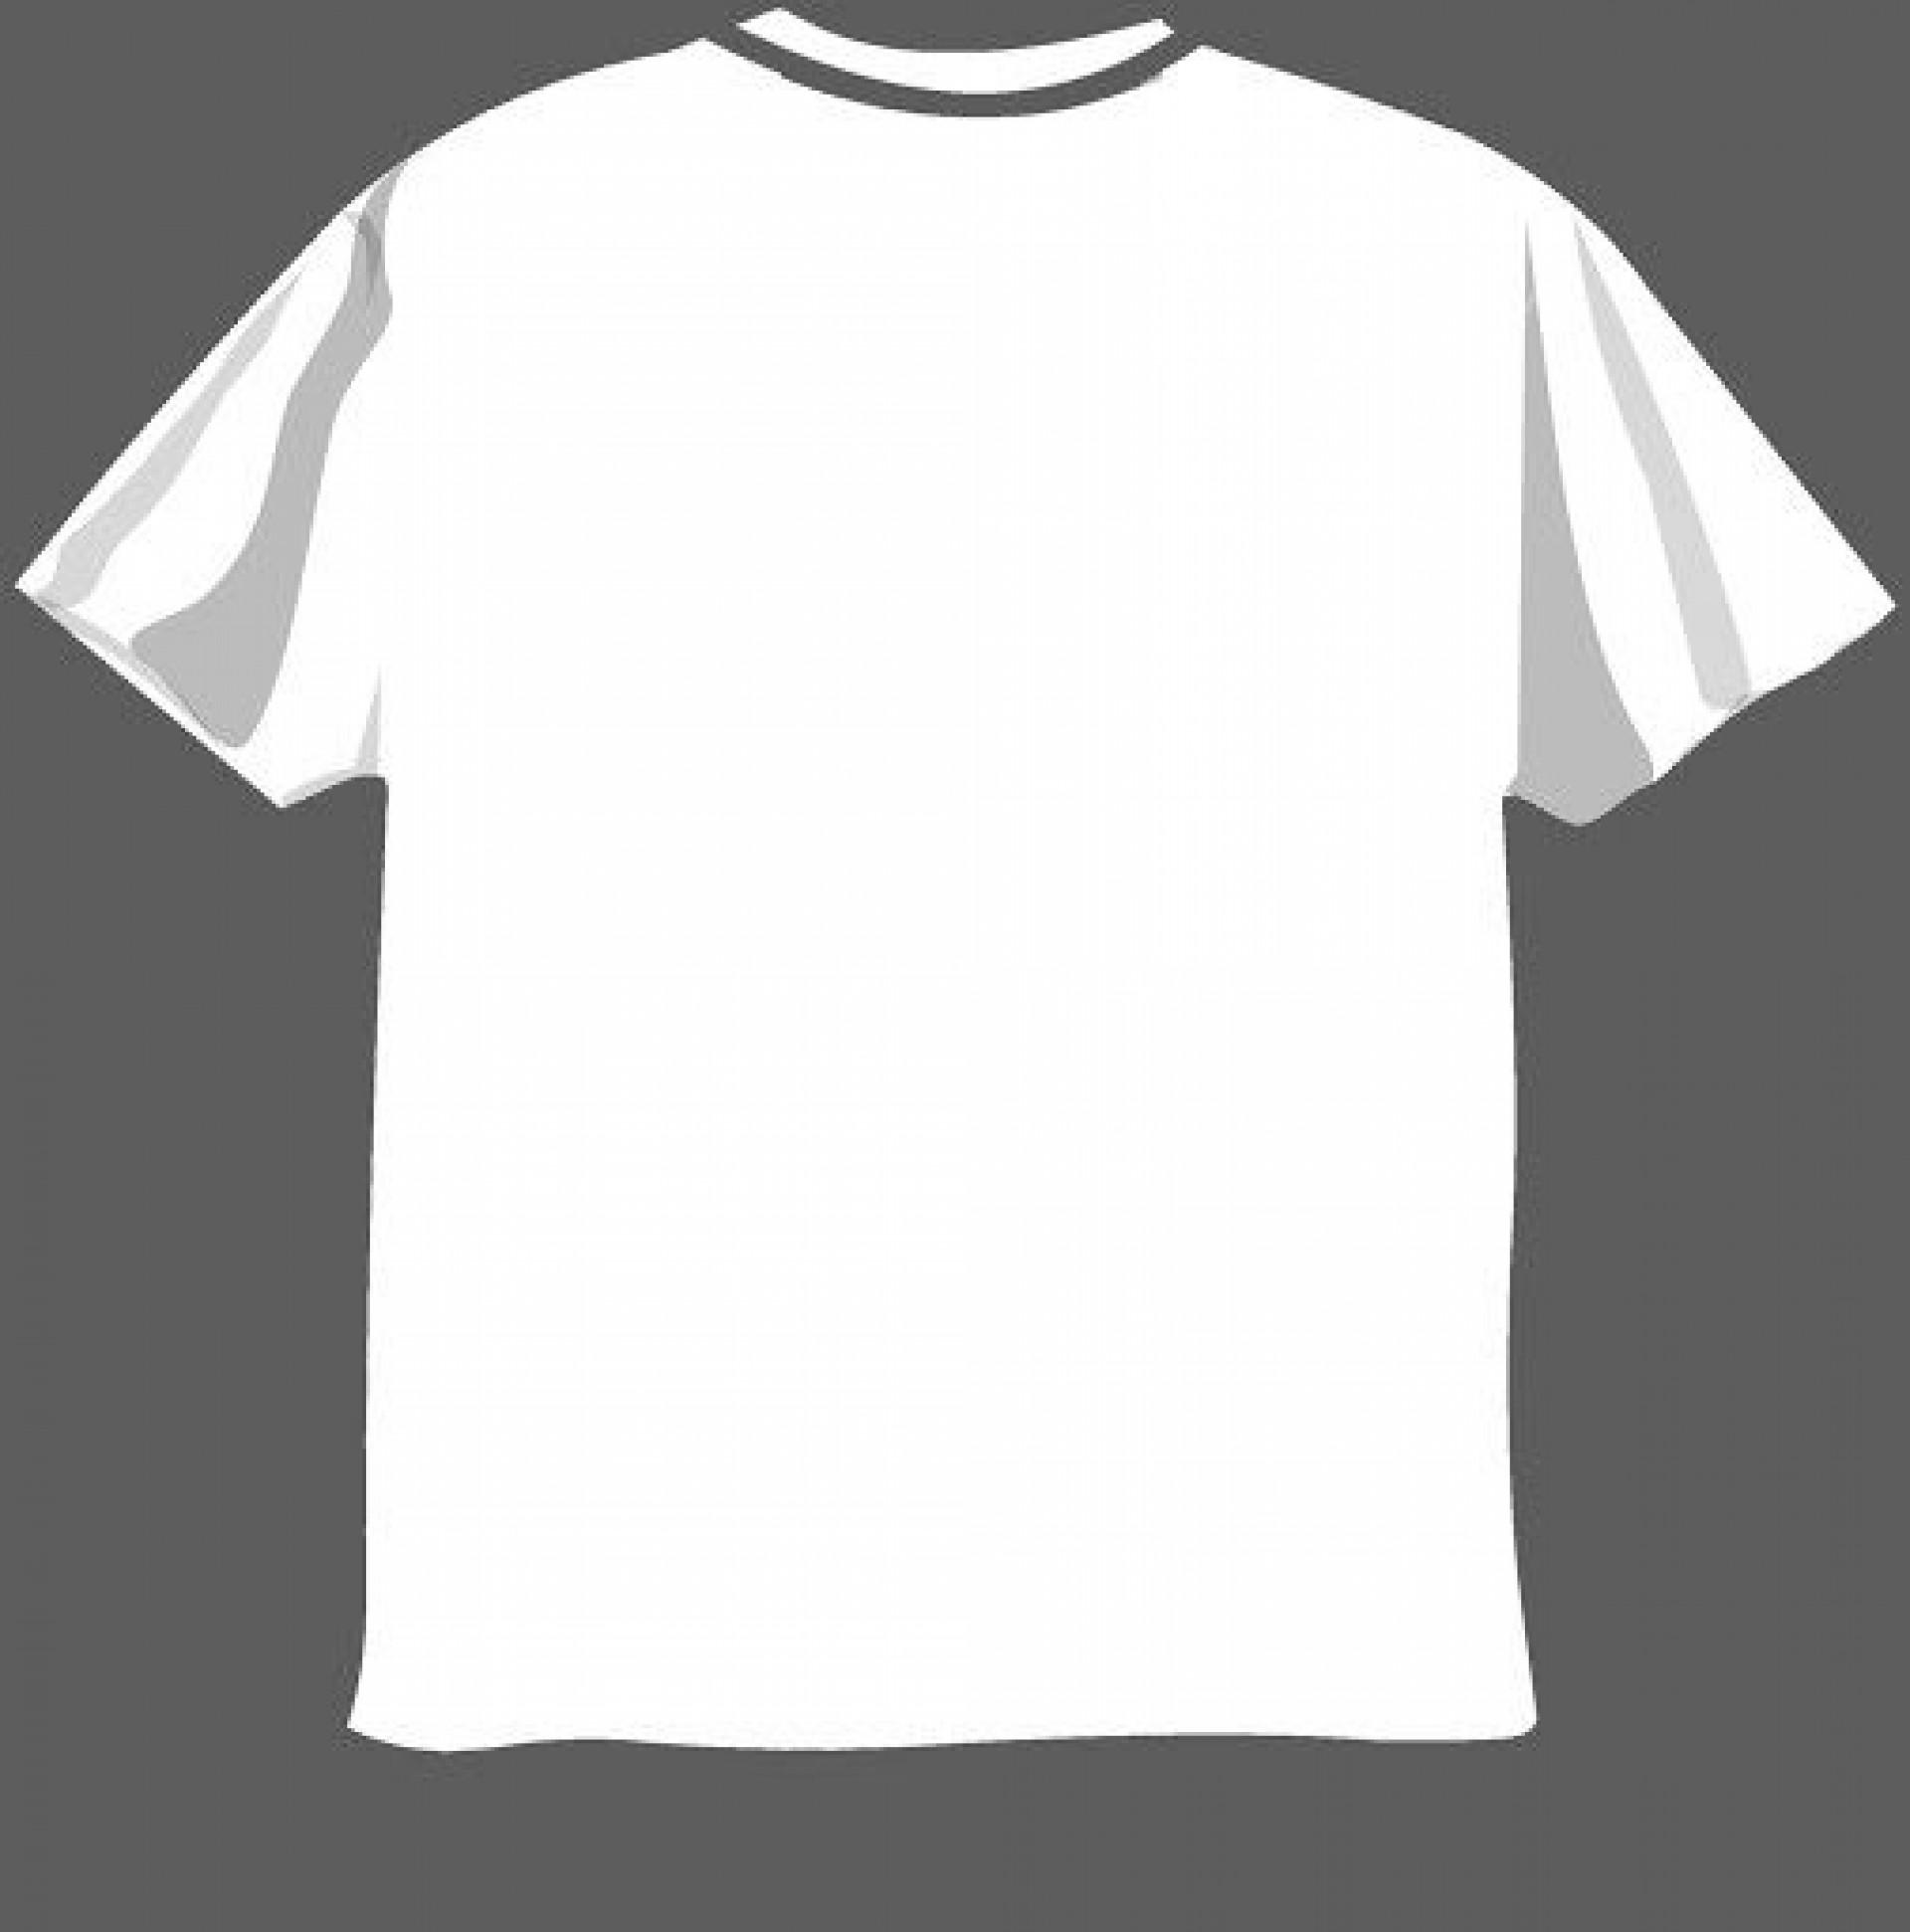 008 Outstanding T Shirt Design Template Psd High Def  Blank T-shirt Editable1920